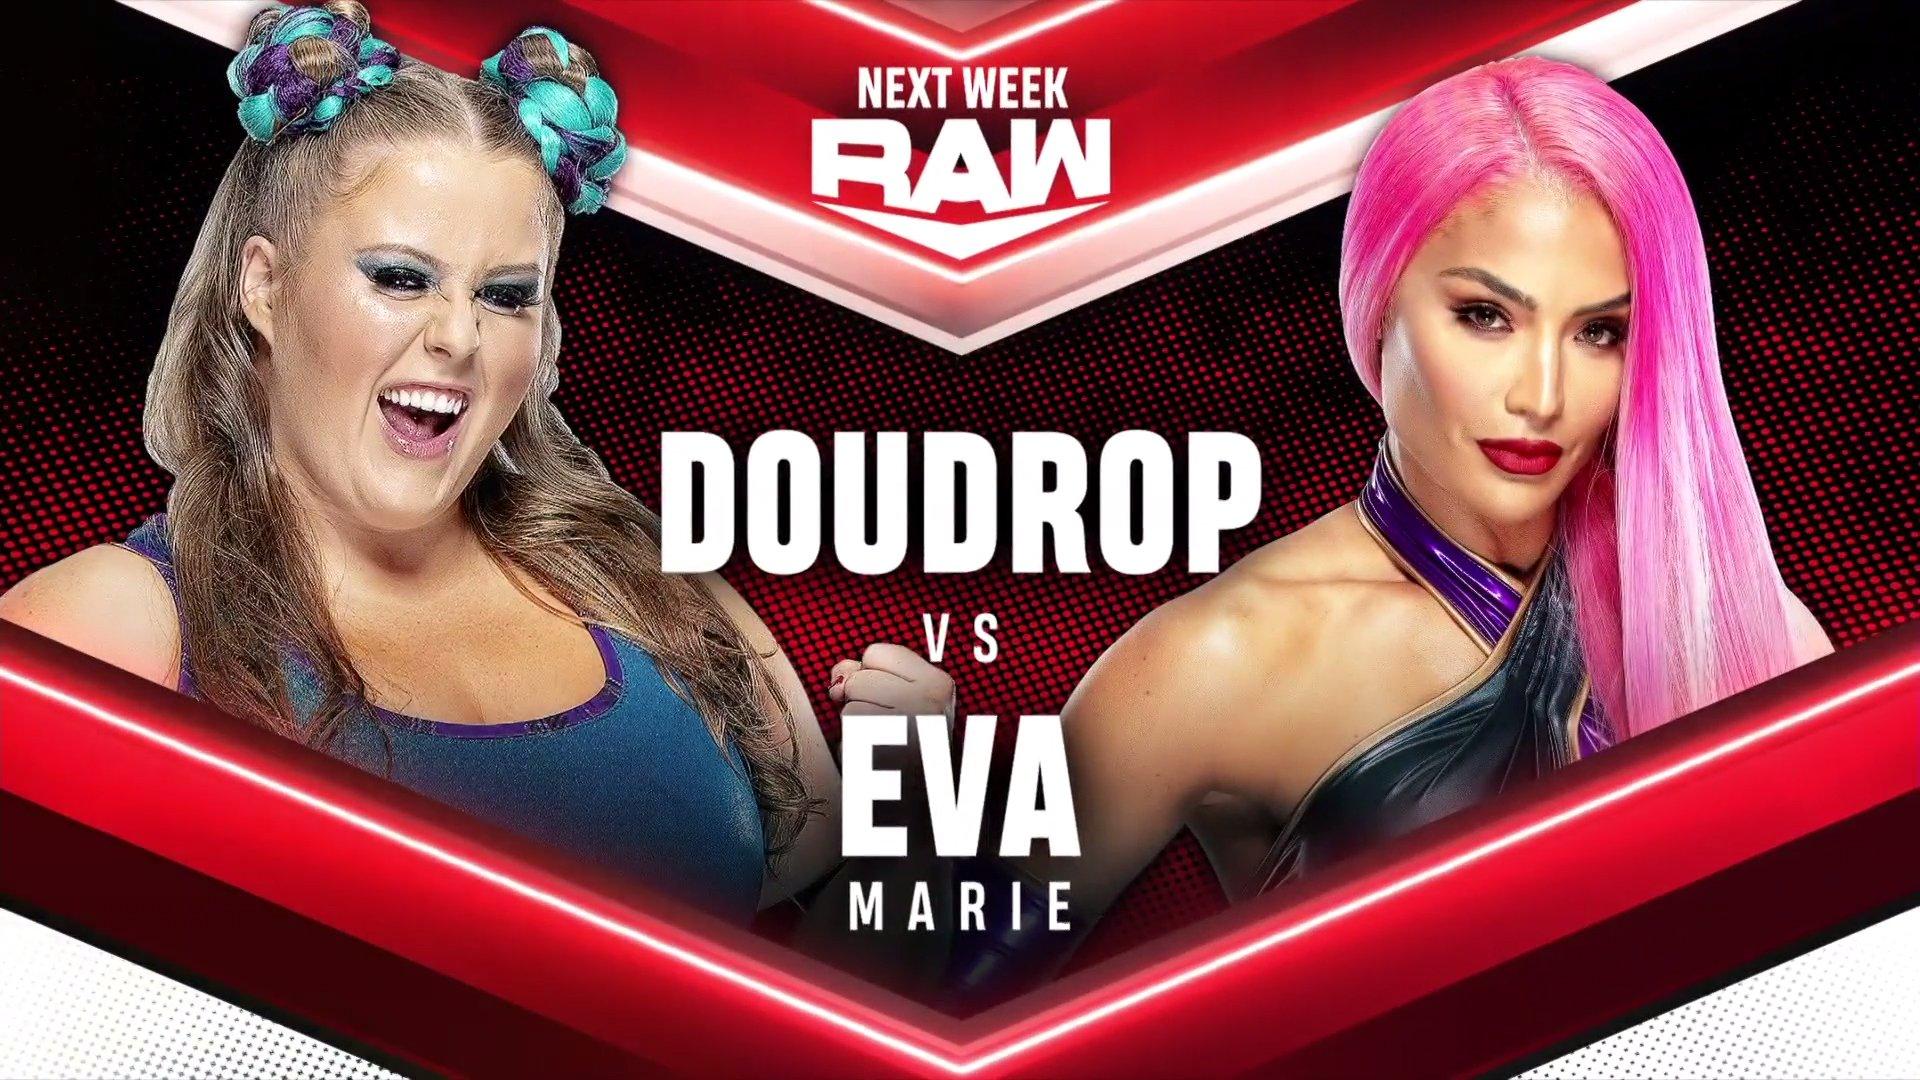 WWE Raw Preview (30/08/21): Bobby Lashley In Action; Miz Vs. Morrison 16